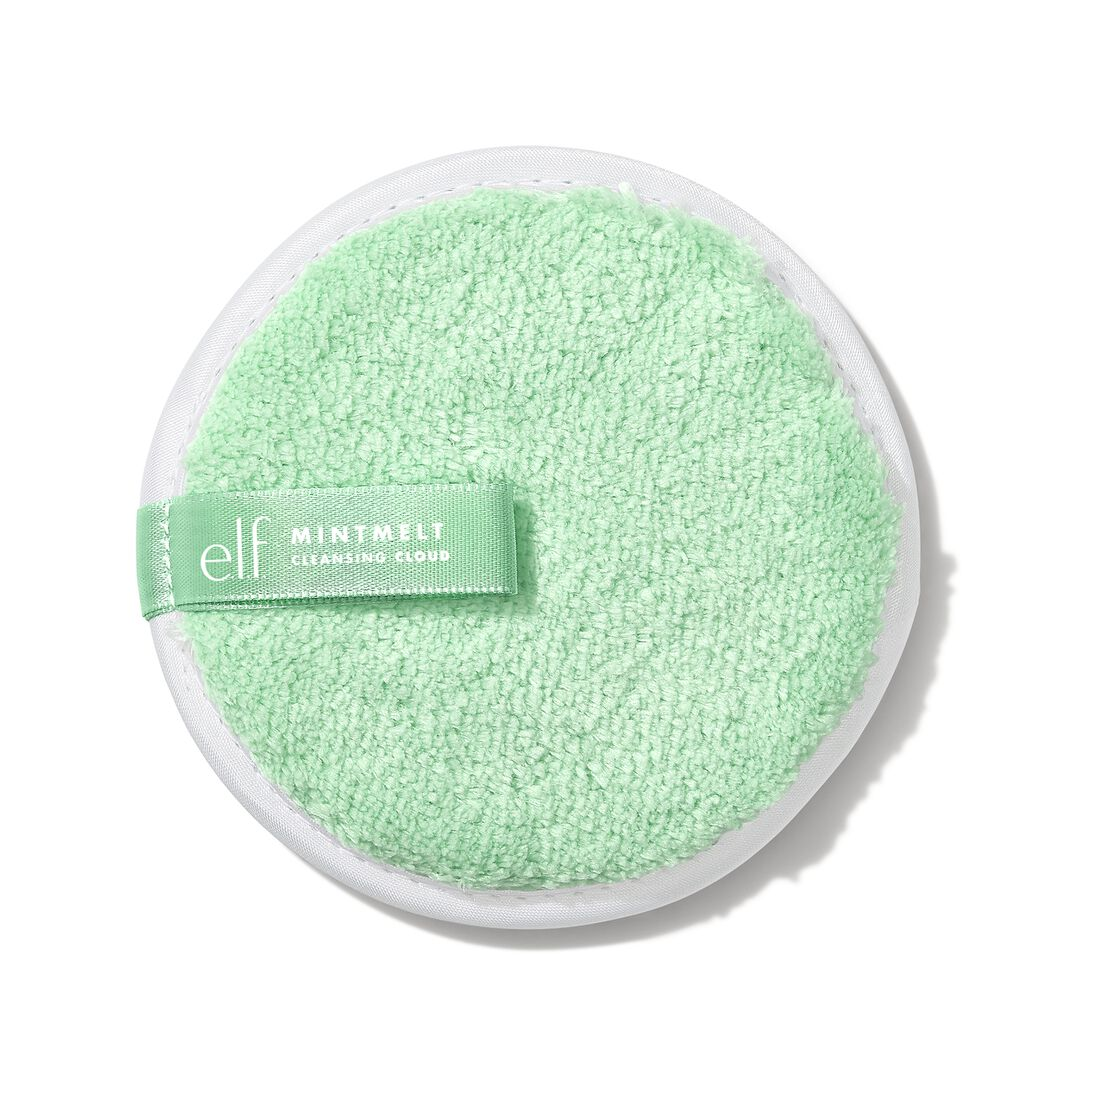 Mint Melt Makeup Remover Pad ELF COSMETICS